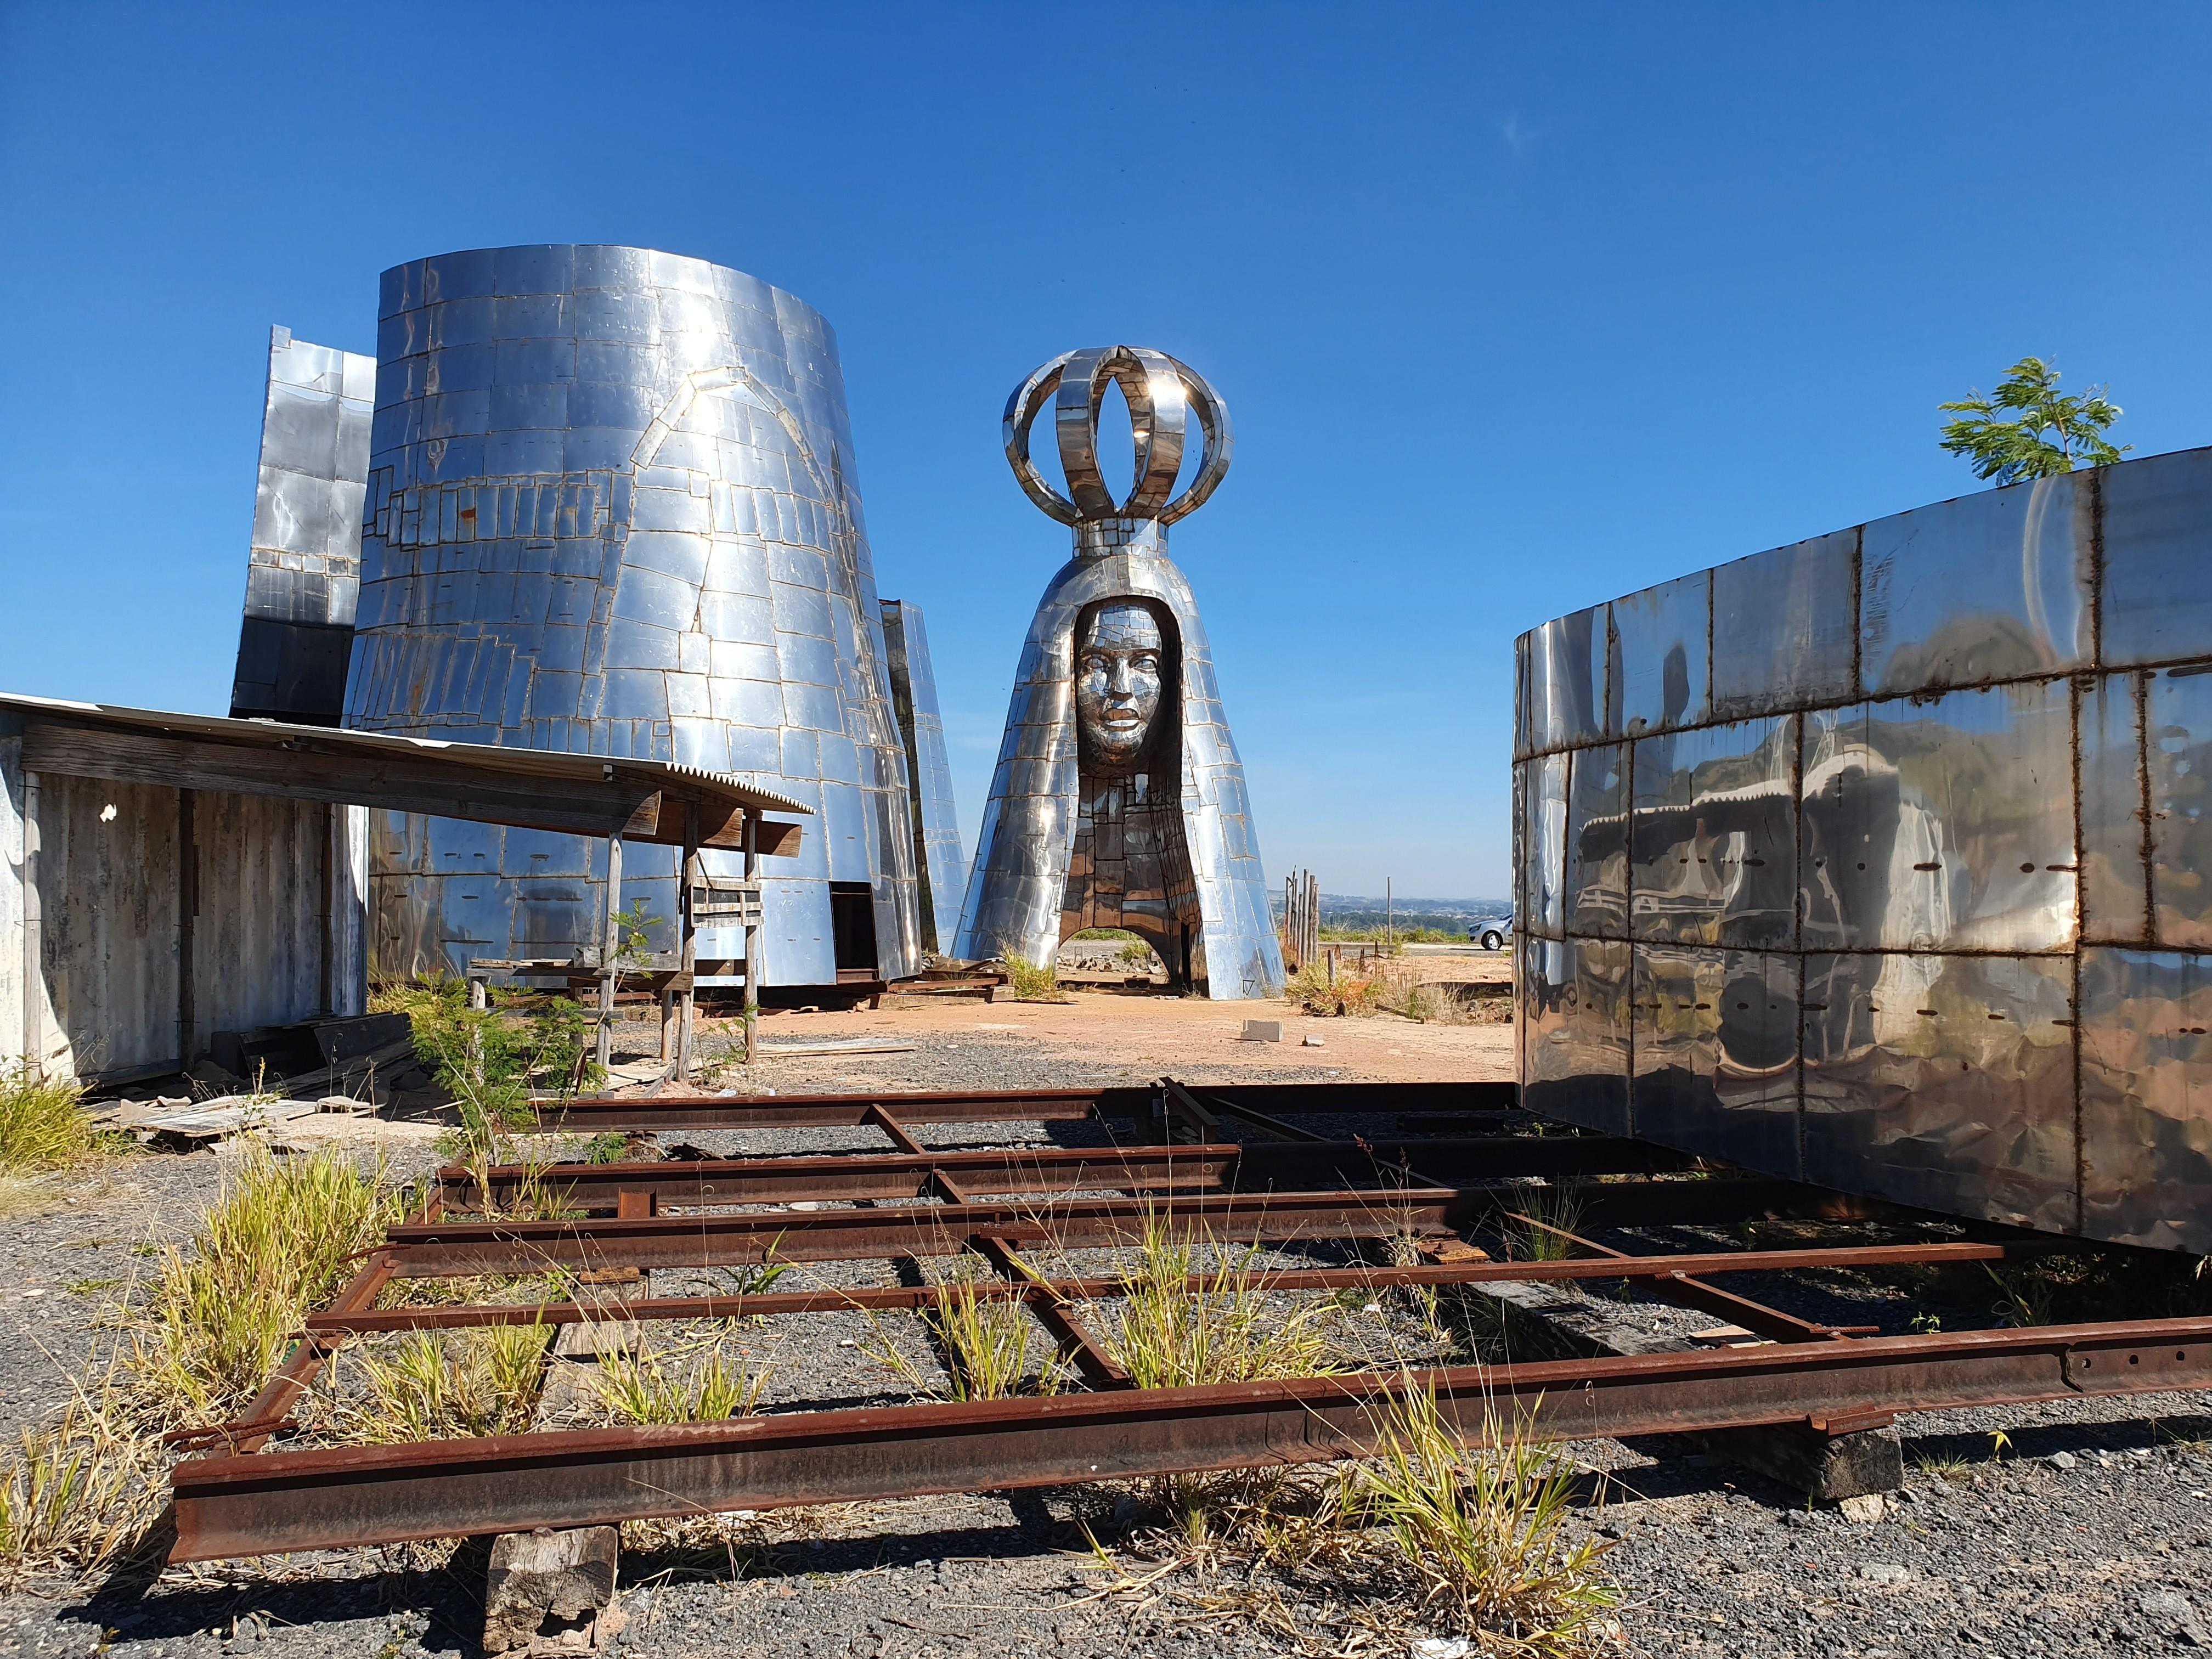 Justiça barra estátua gigante e ordena retirada de obras dedicadas à Padroeira em Aparecida - Notícias - Plantão Diário